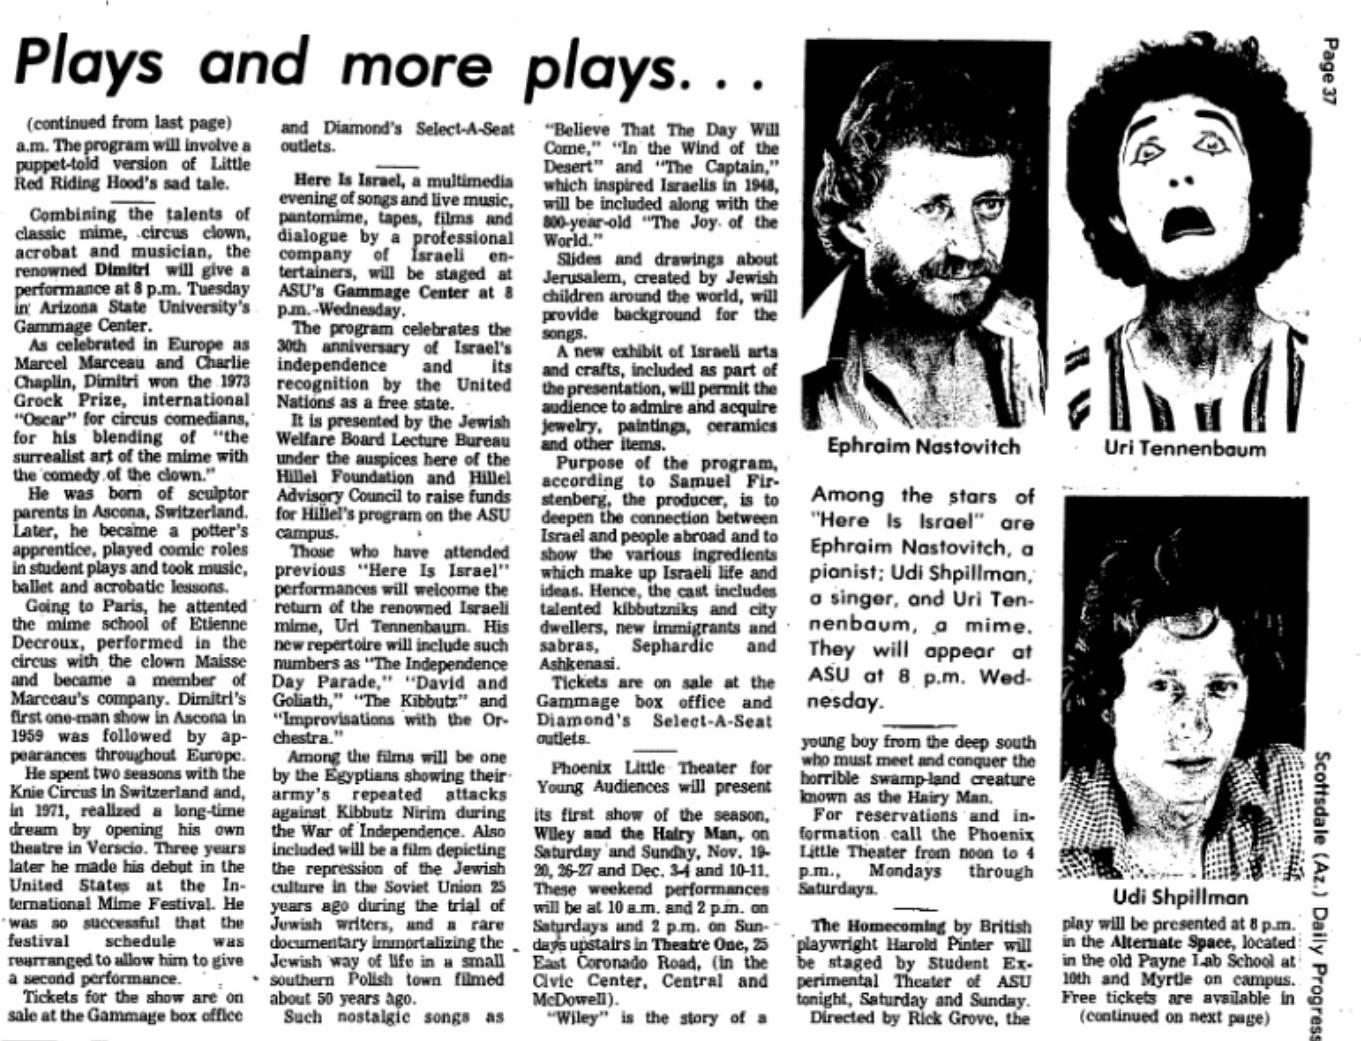 Theater Topics, Nov. 11, 1977a